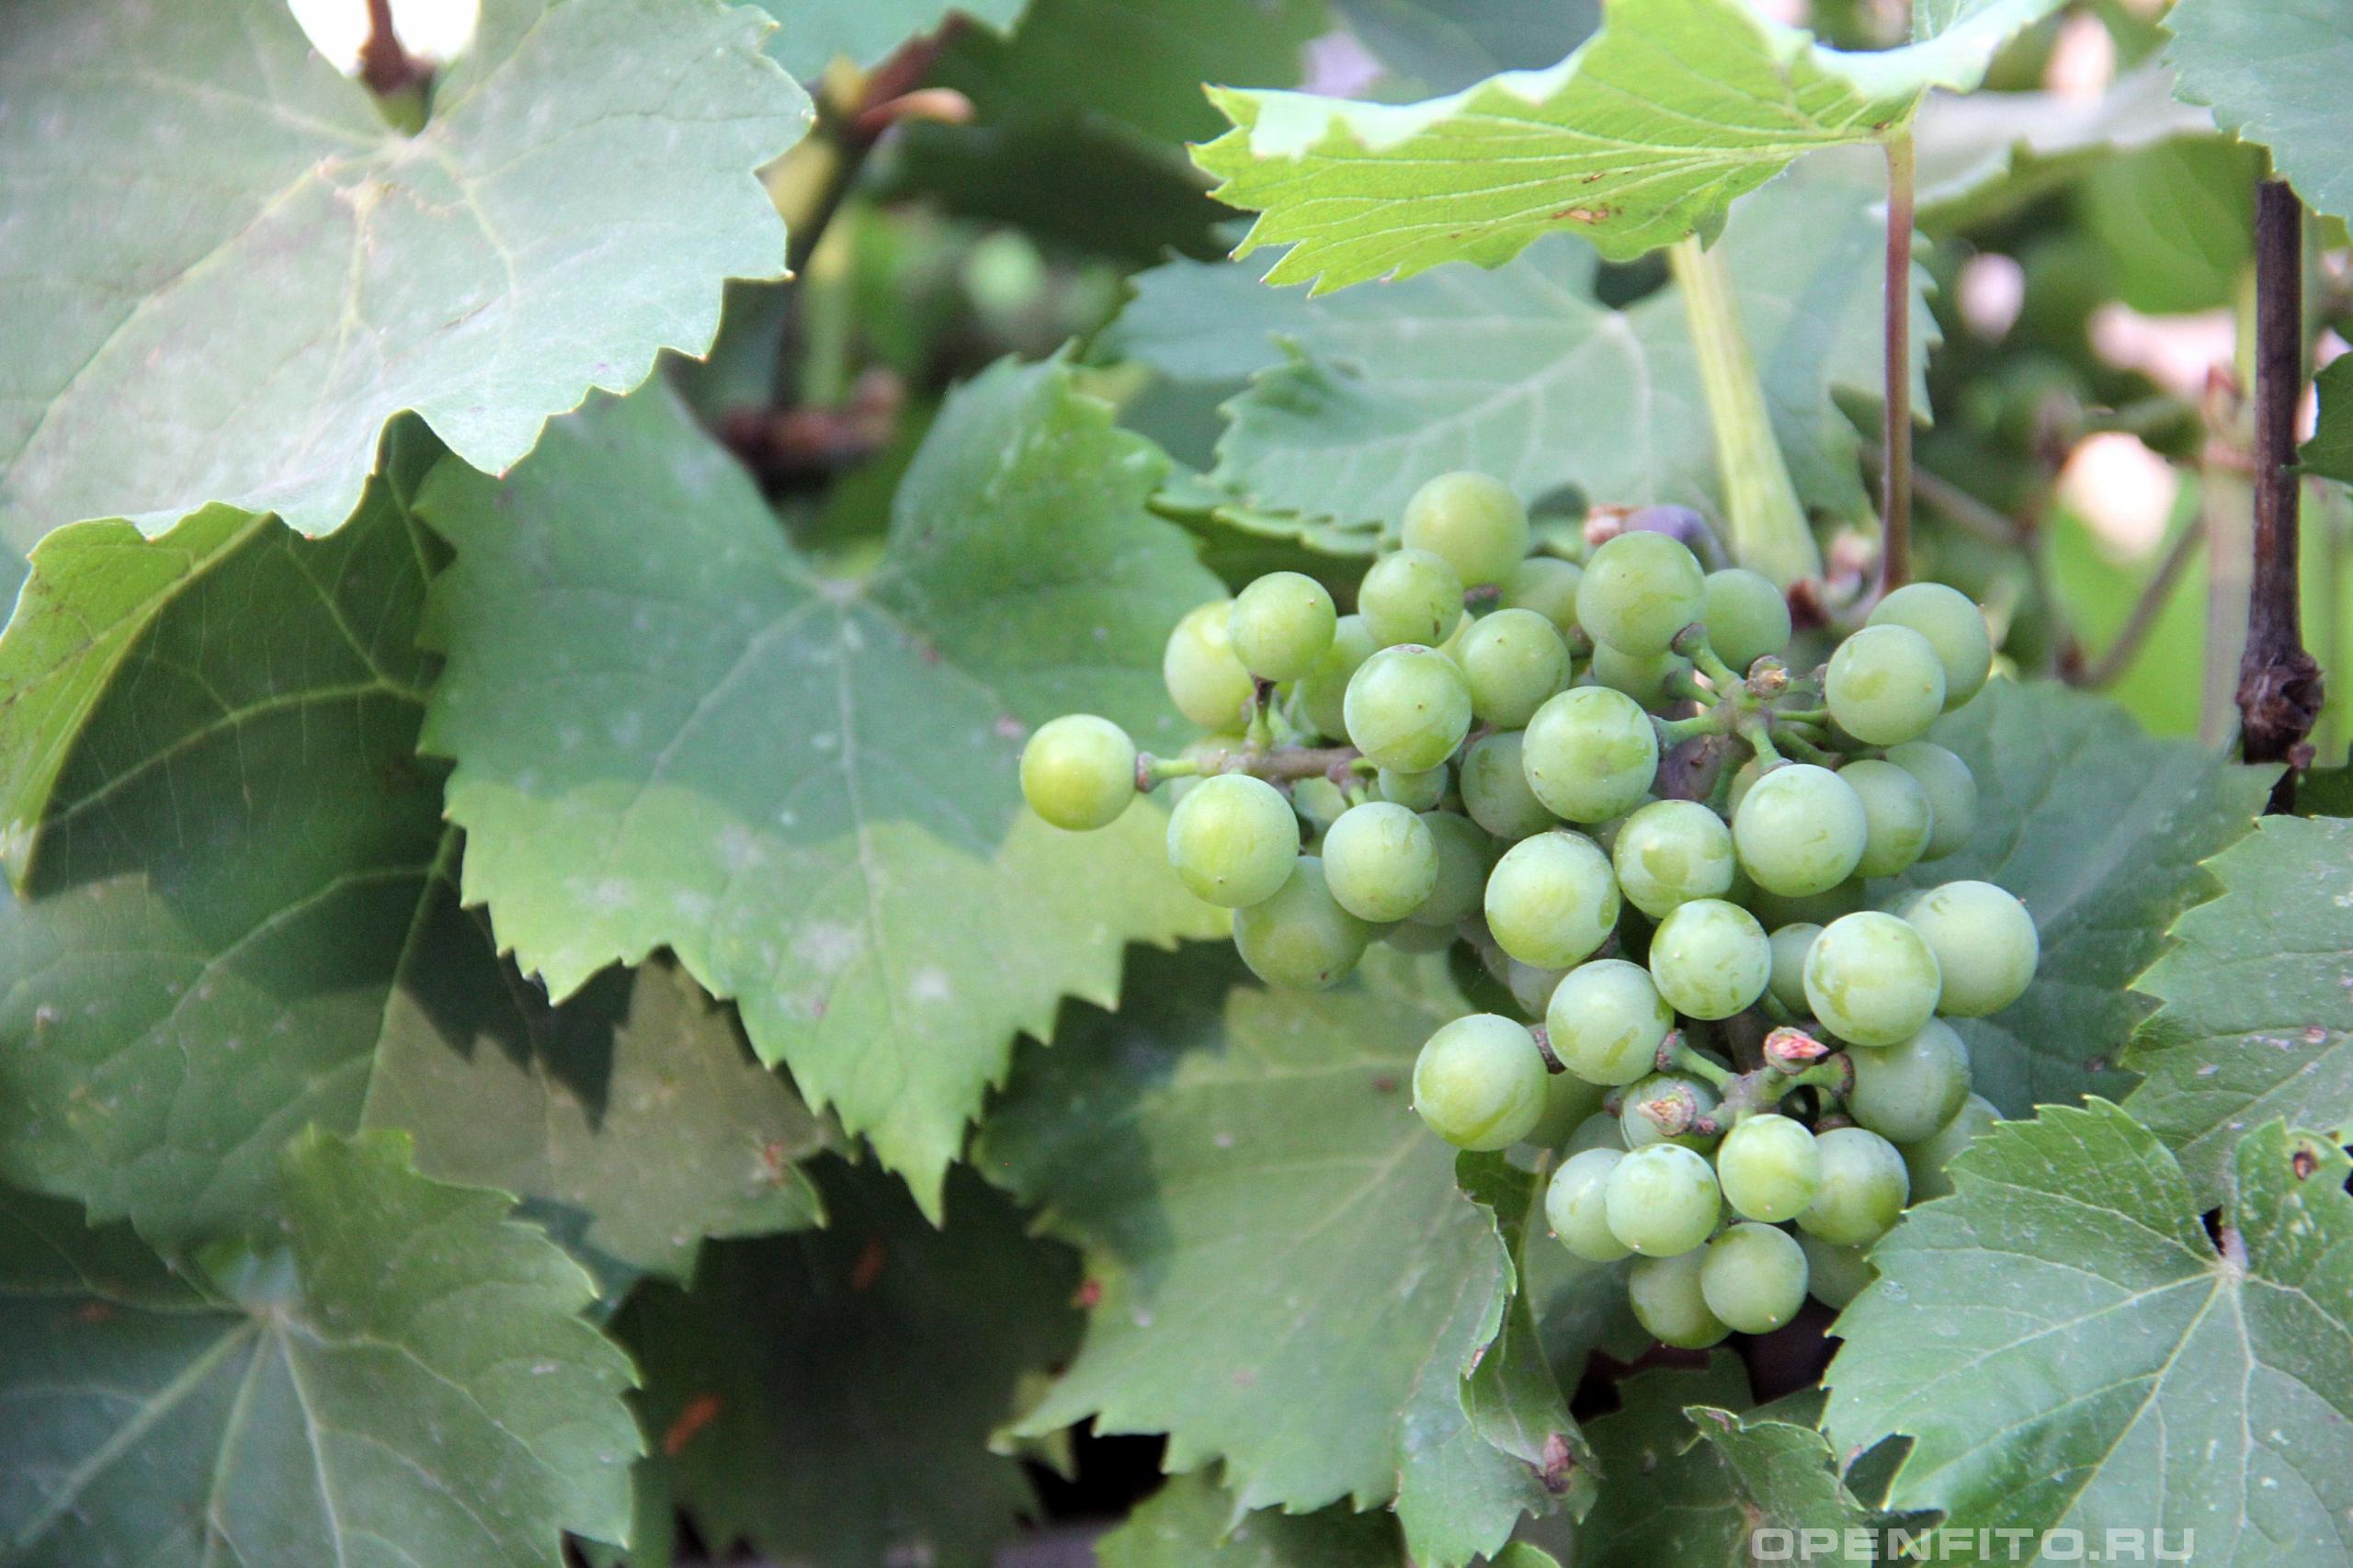 Виноград обыкновенный незрелые плоды винограда культурного